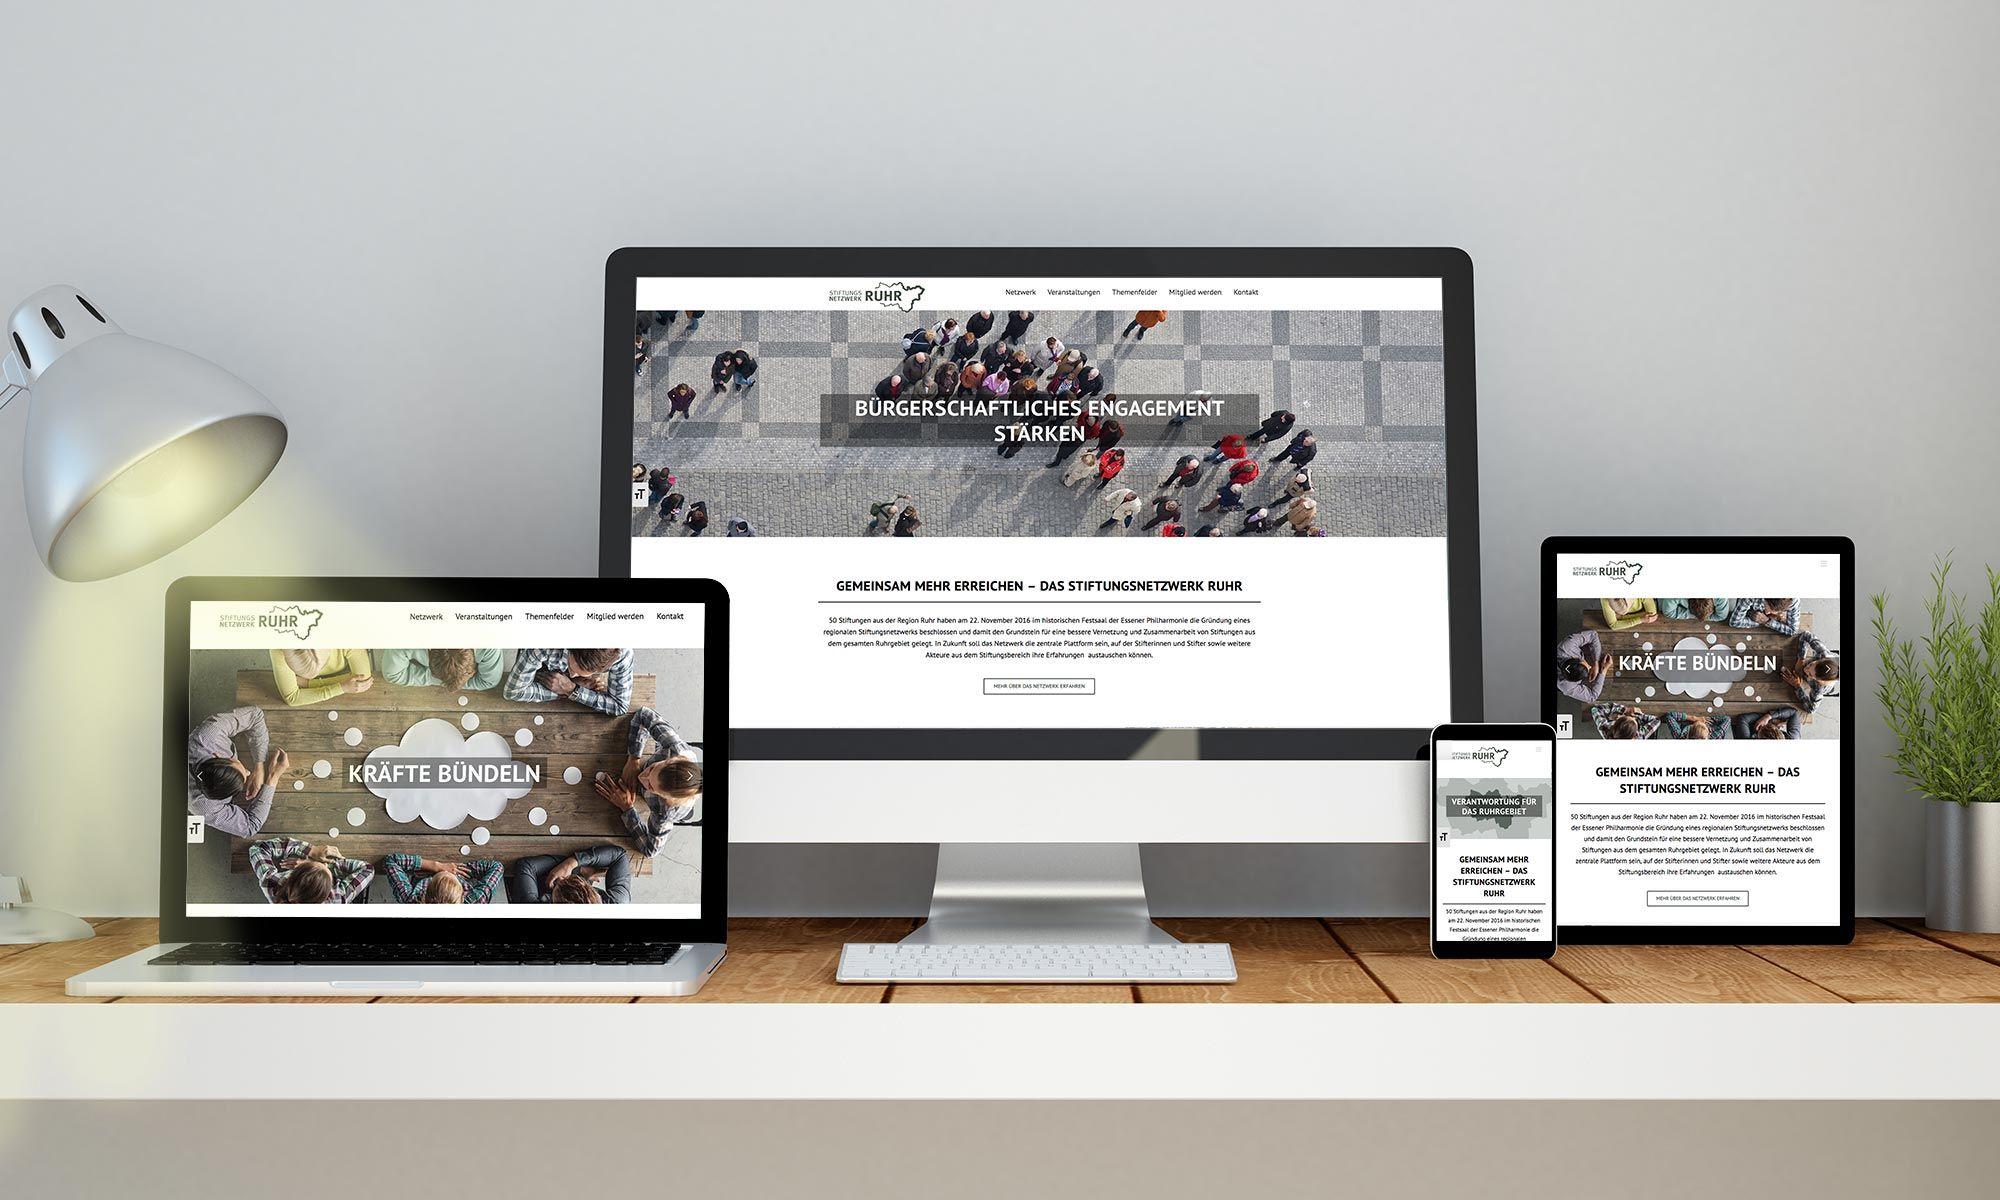 Foto: Screenshot von www.stiftungsnetzwerk.ruhr